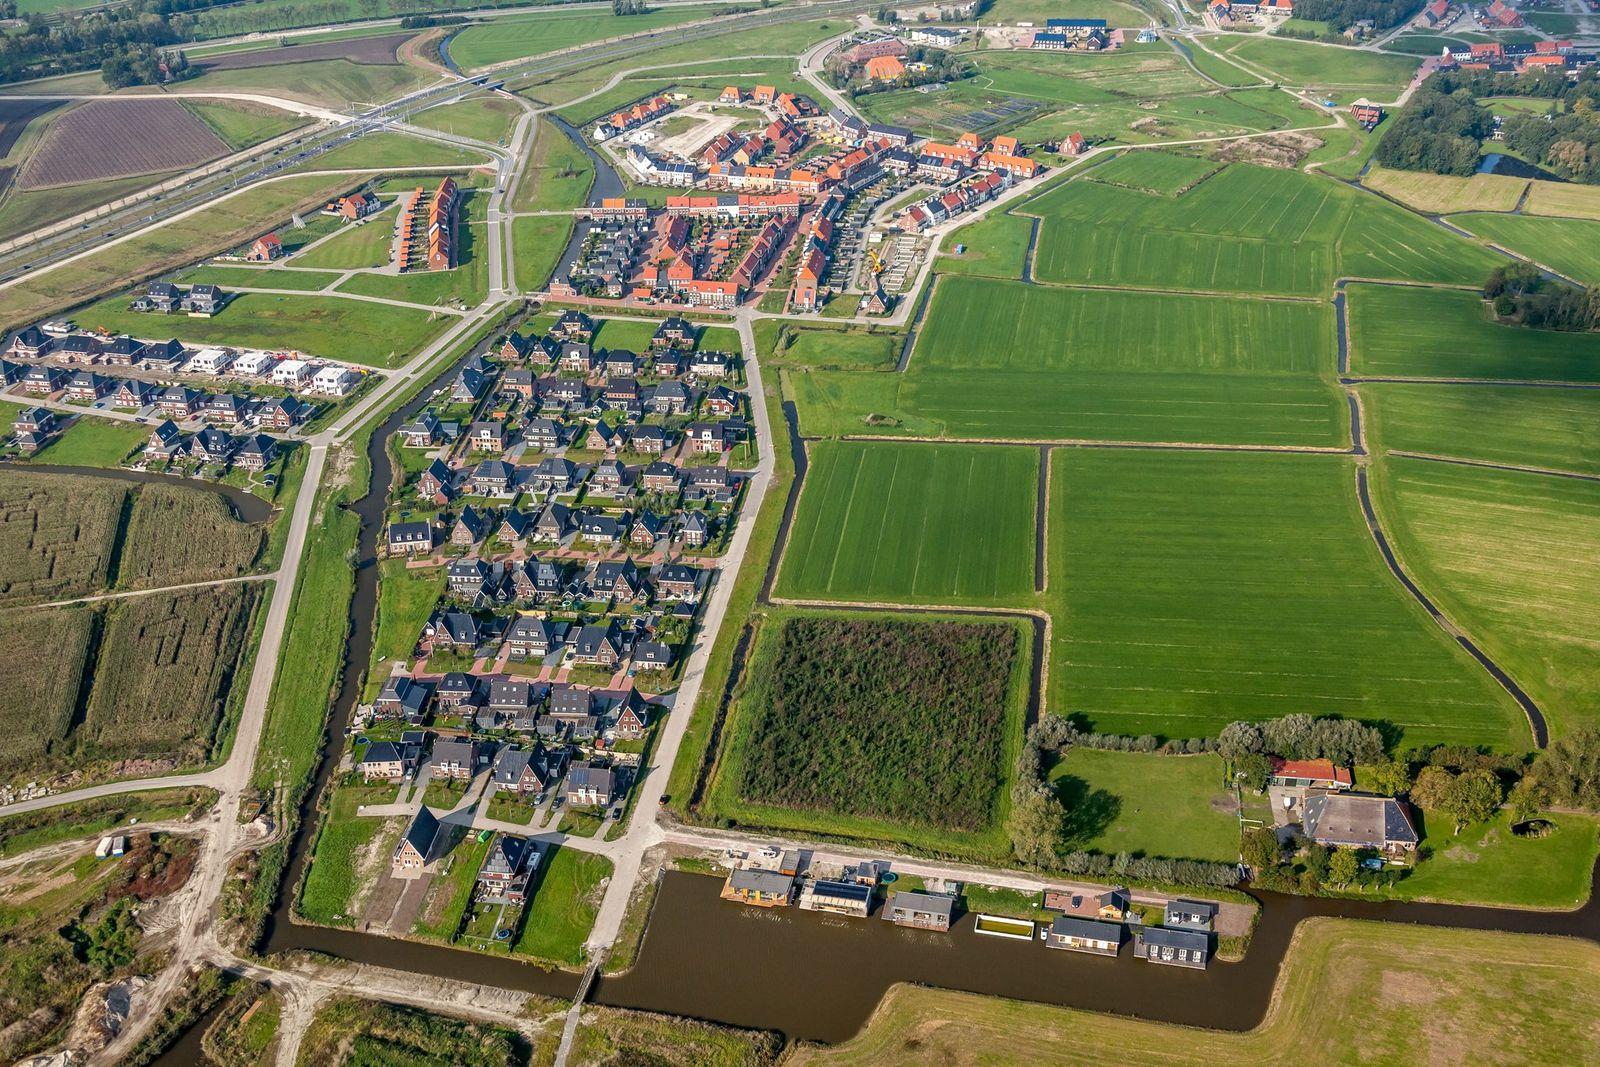 Greide 0-ong, Leeuwarden